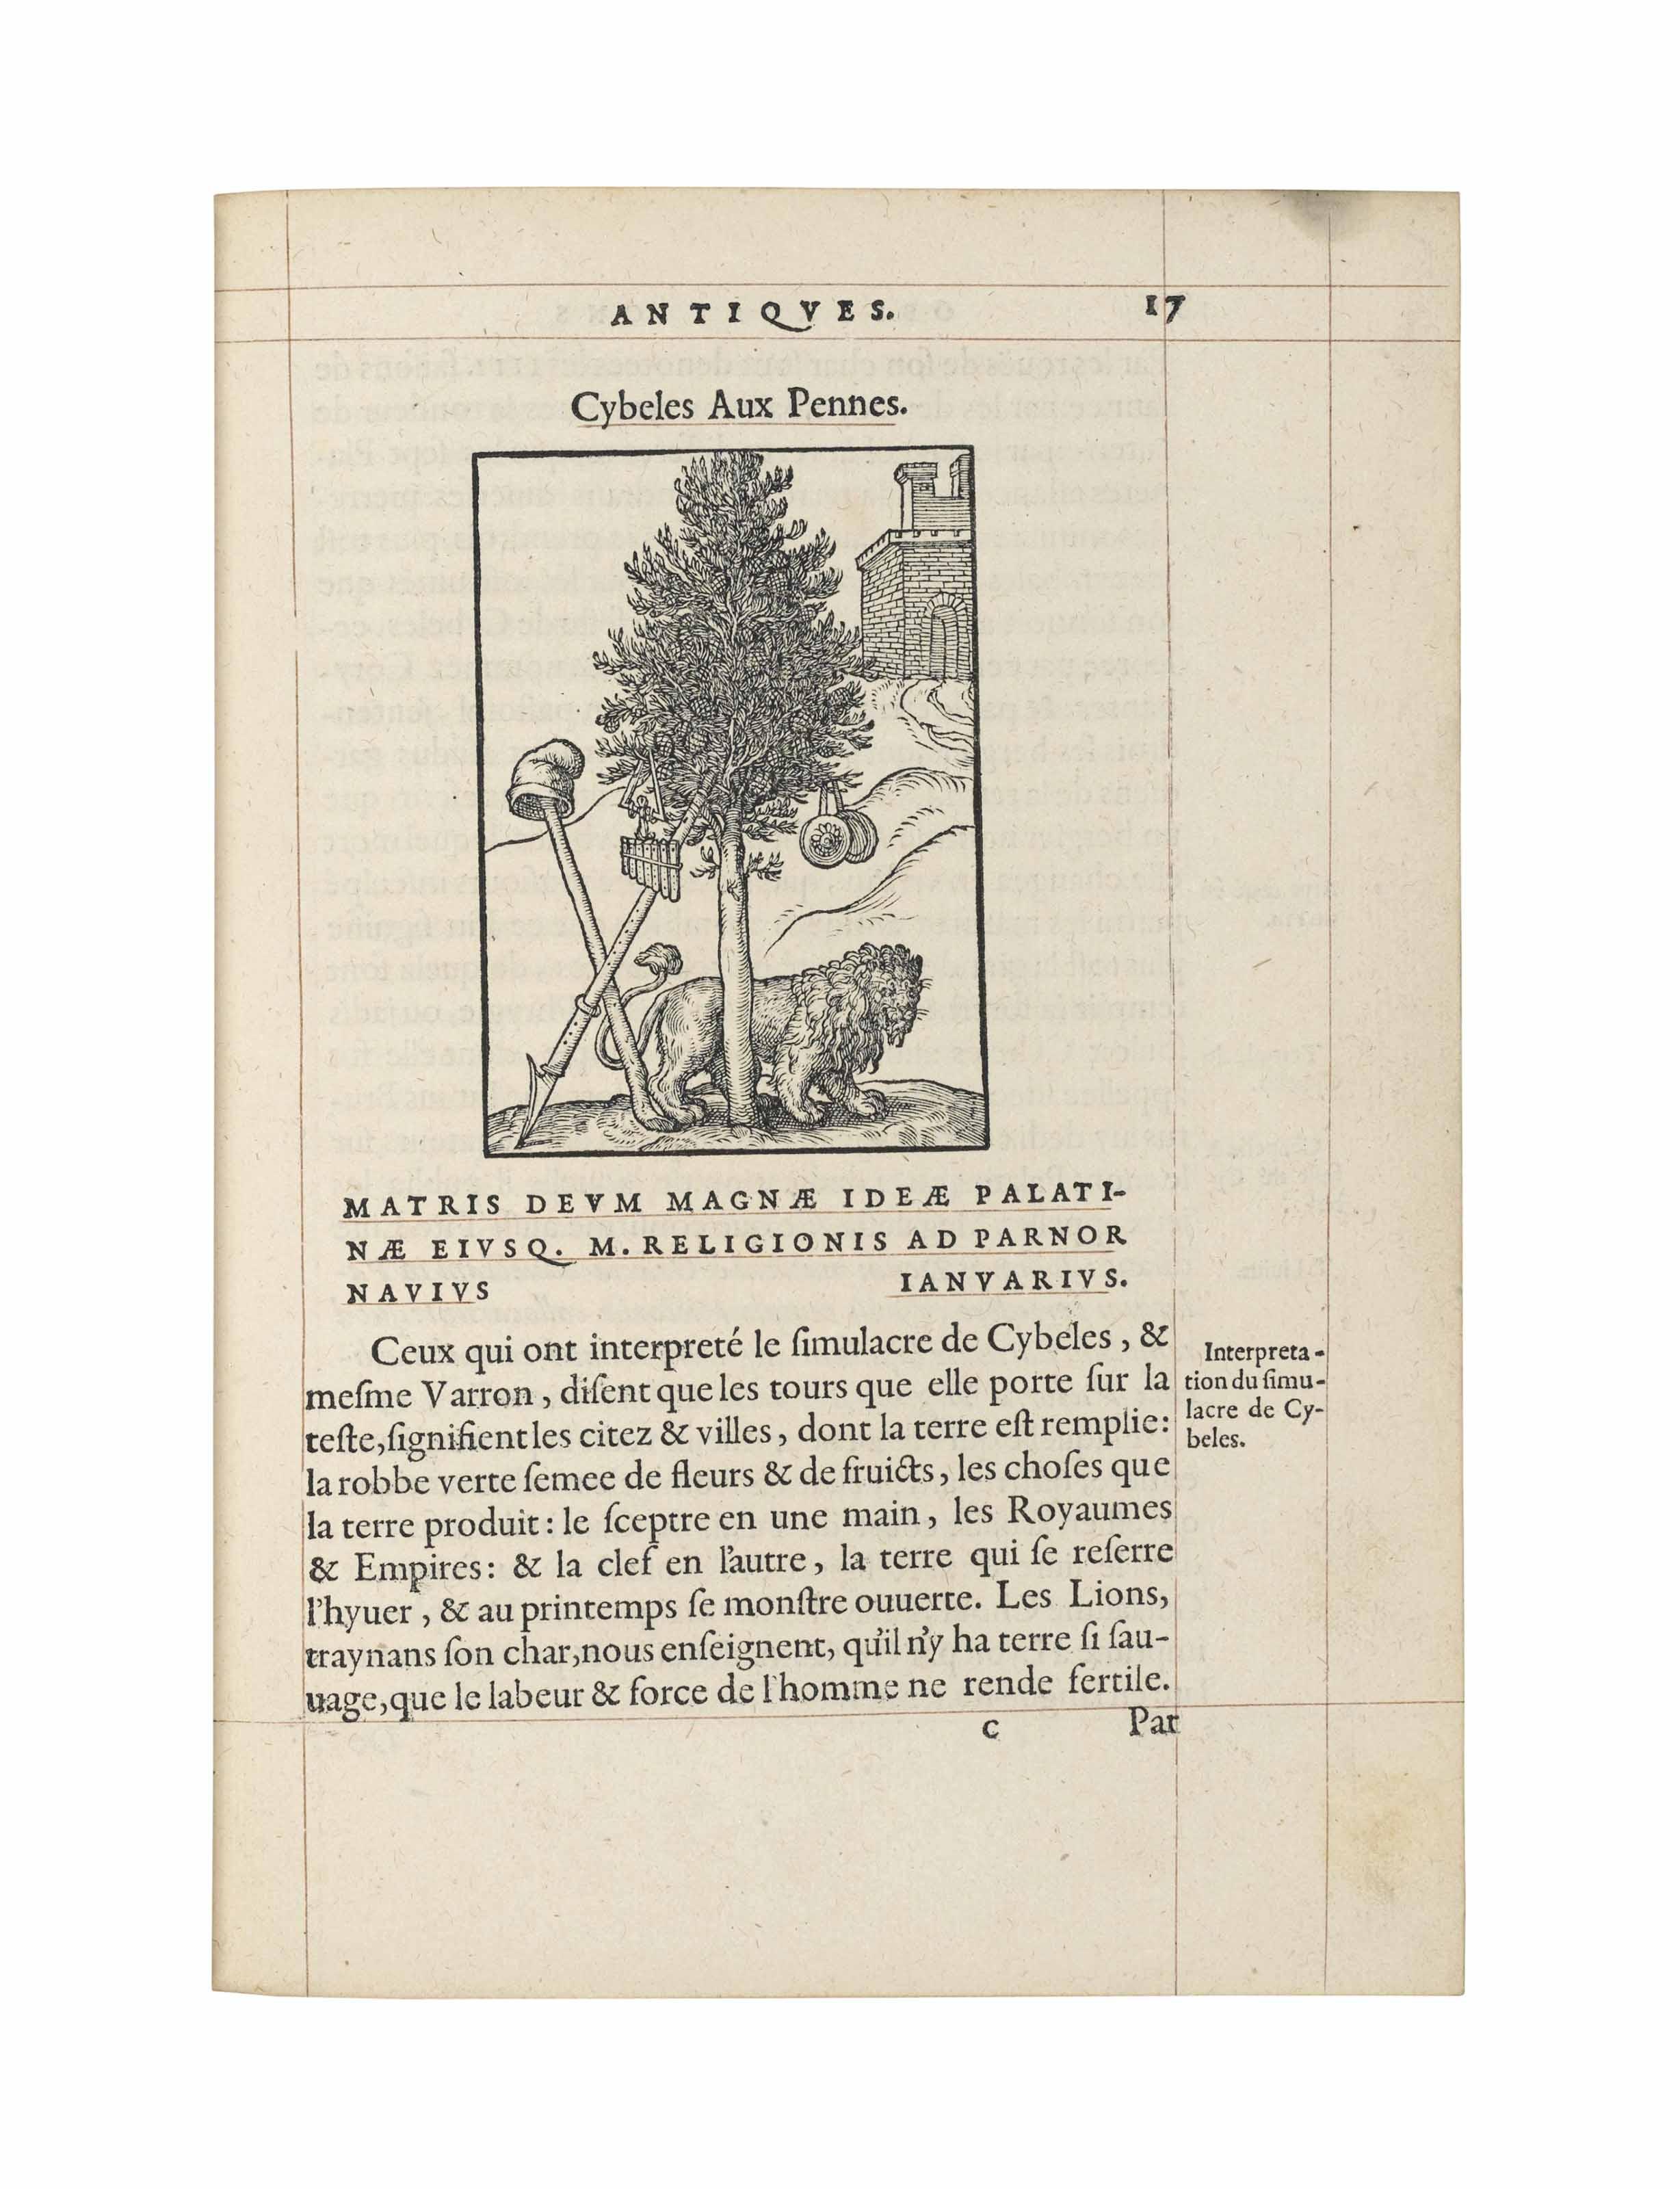 SIMEONI, Gabriele (1509-1575).